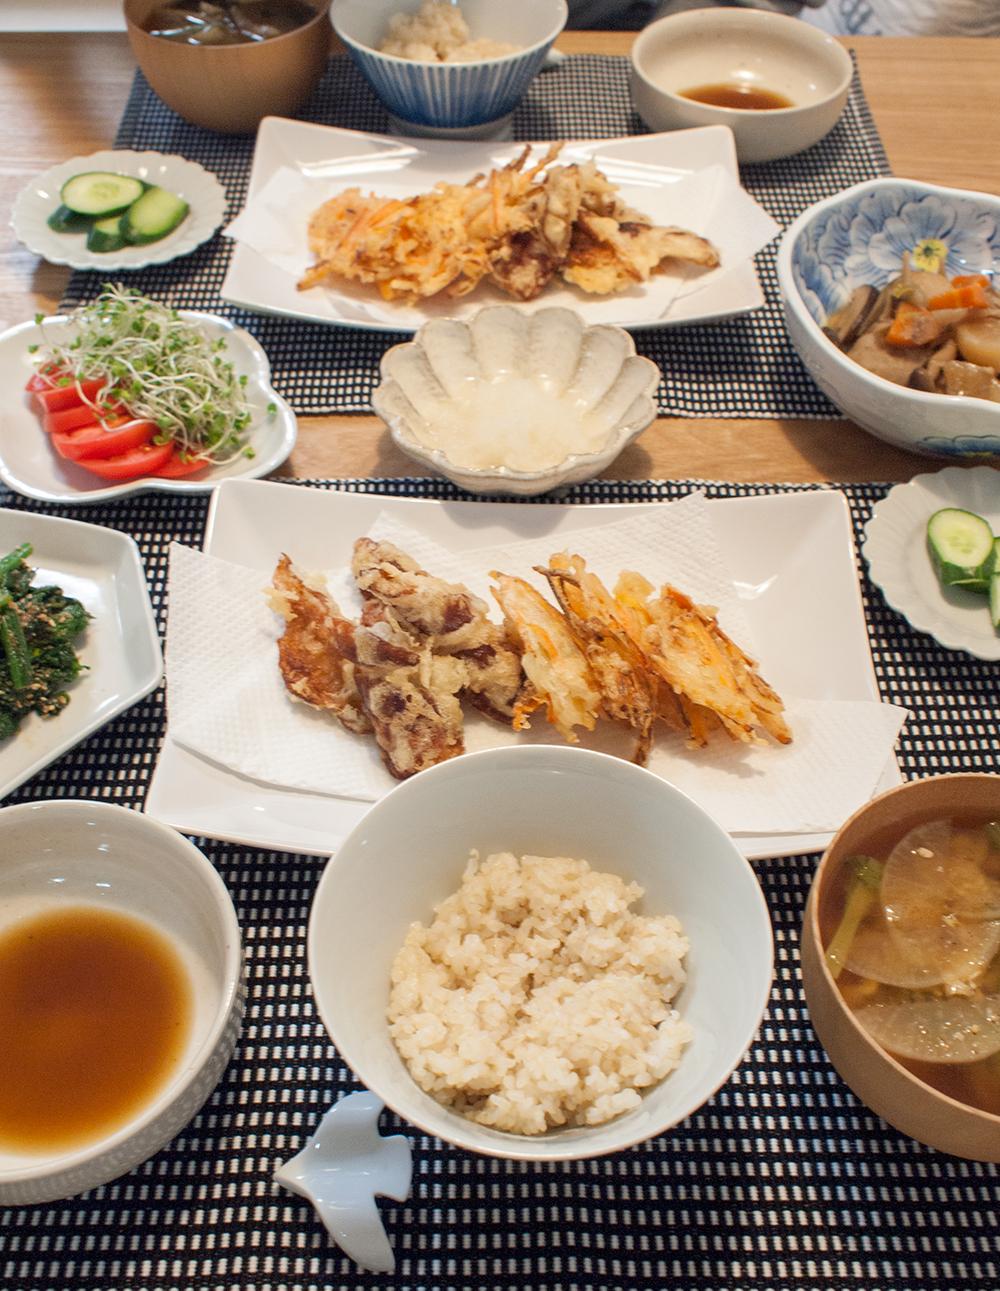 ちくわの天ぷらとかき揚げがメインの晩ご飯